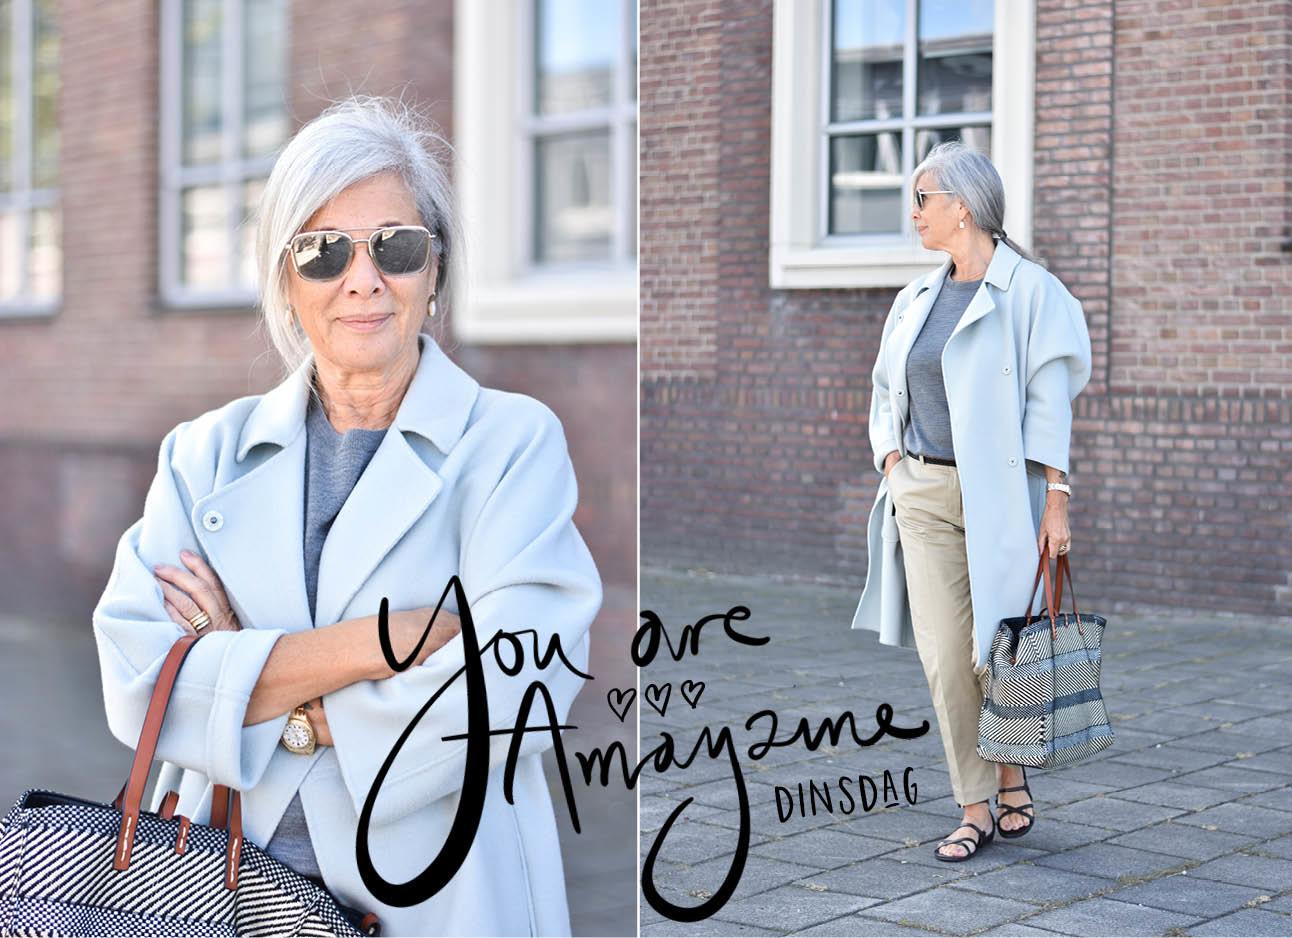 Peggy Weijergang met blauwe jas en beige broek aan grote zilvere zonnebril